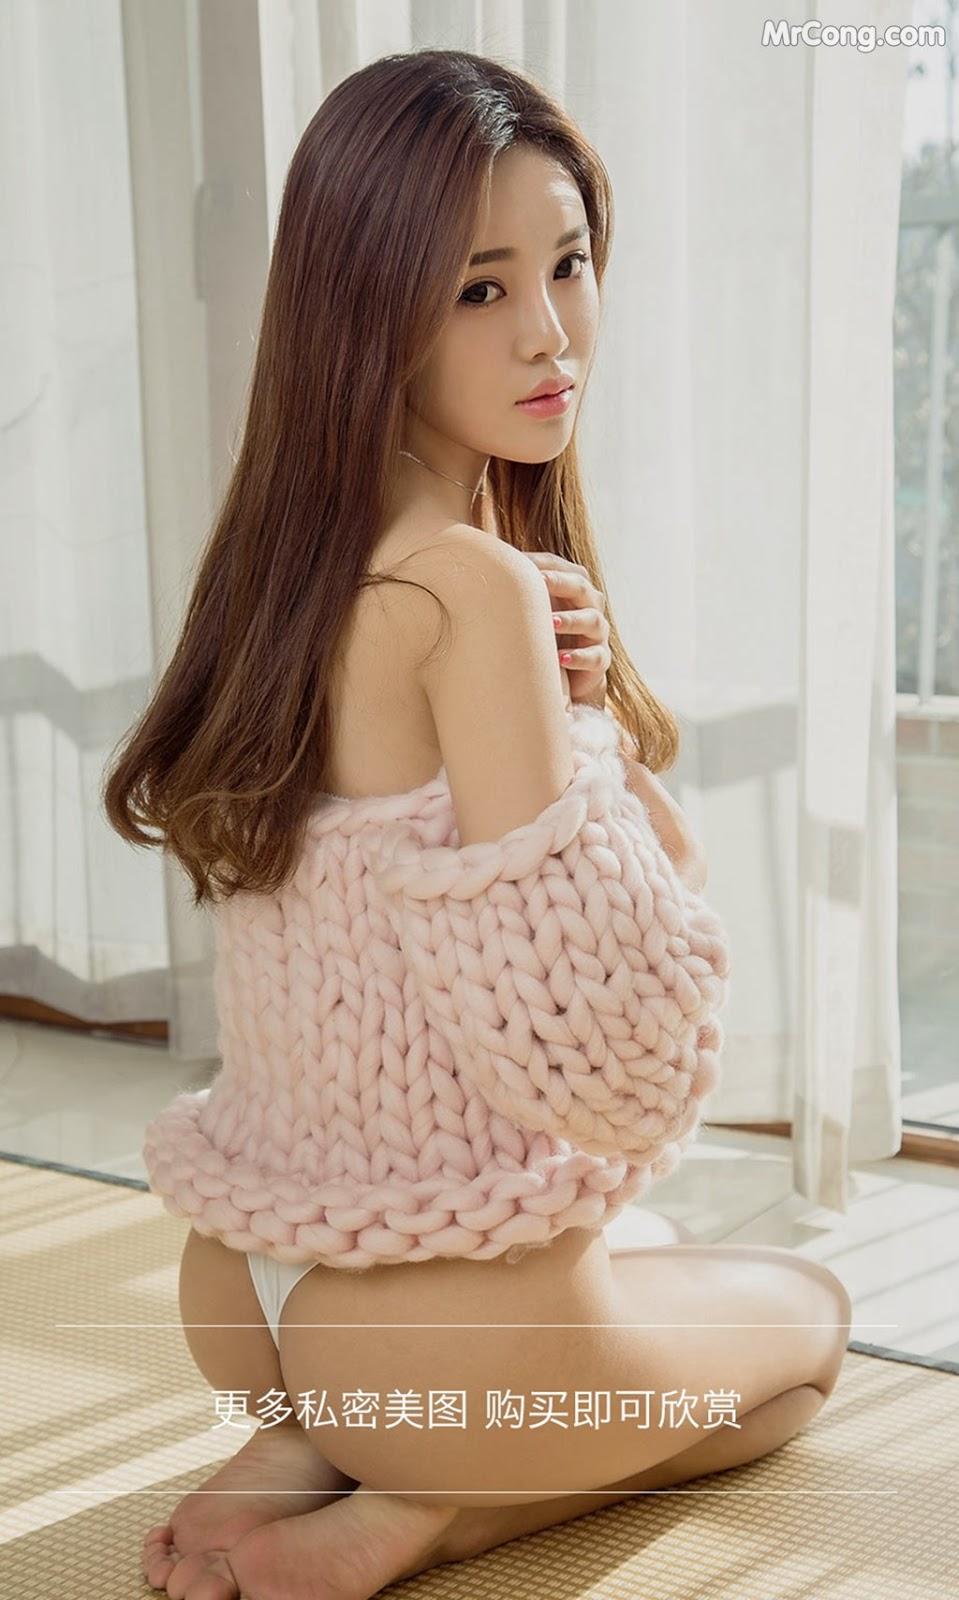 Image UGIRLS-Ai-You-Wu-App-No.998-Zhou-Xin-Yi-MrCong.com-009 in post UGIRLS – Ai You Wu App No.998: Người mẫu Zhou Xin Yi (周心怡) (40 ảnh)